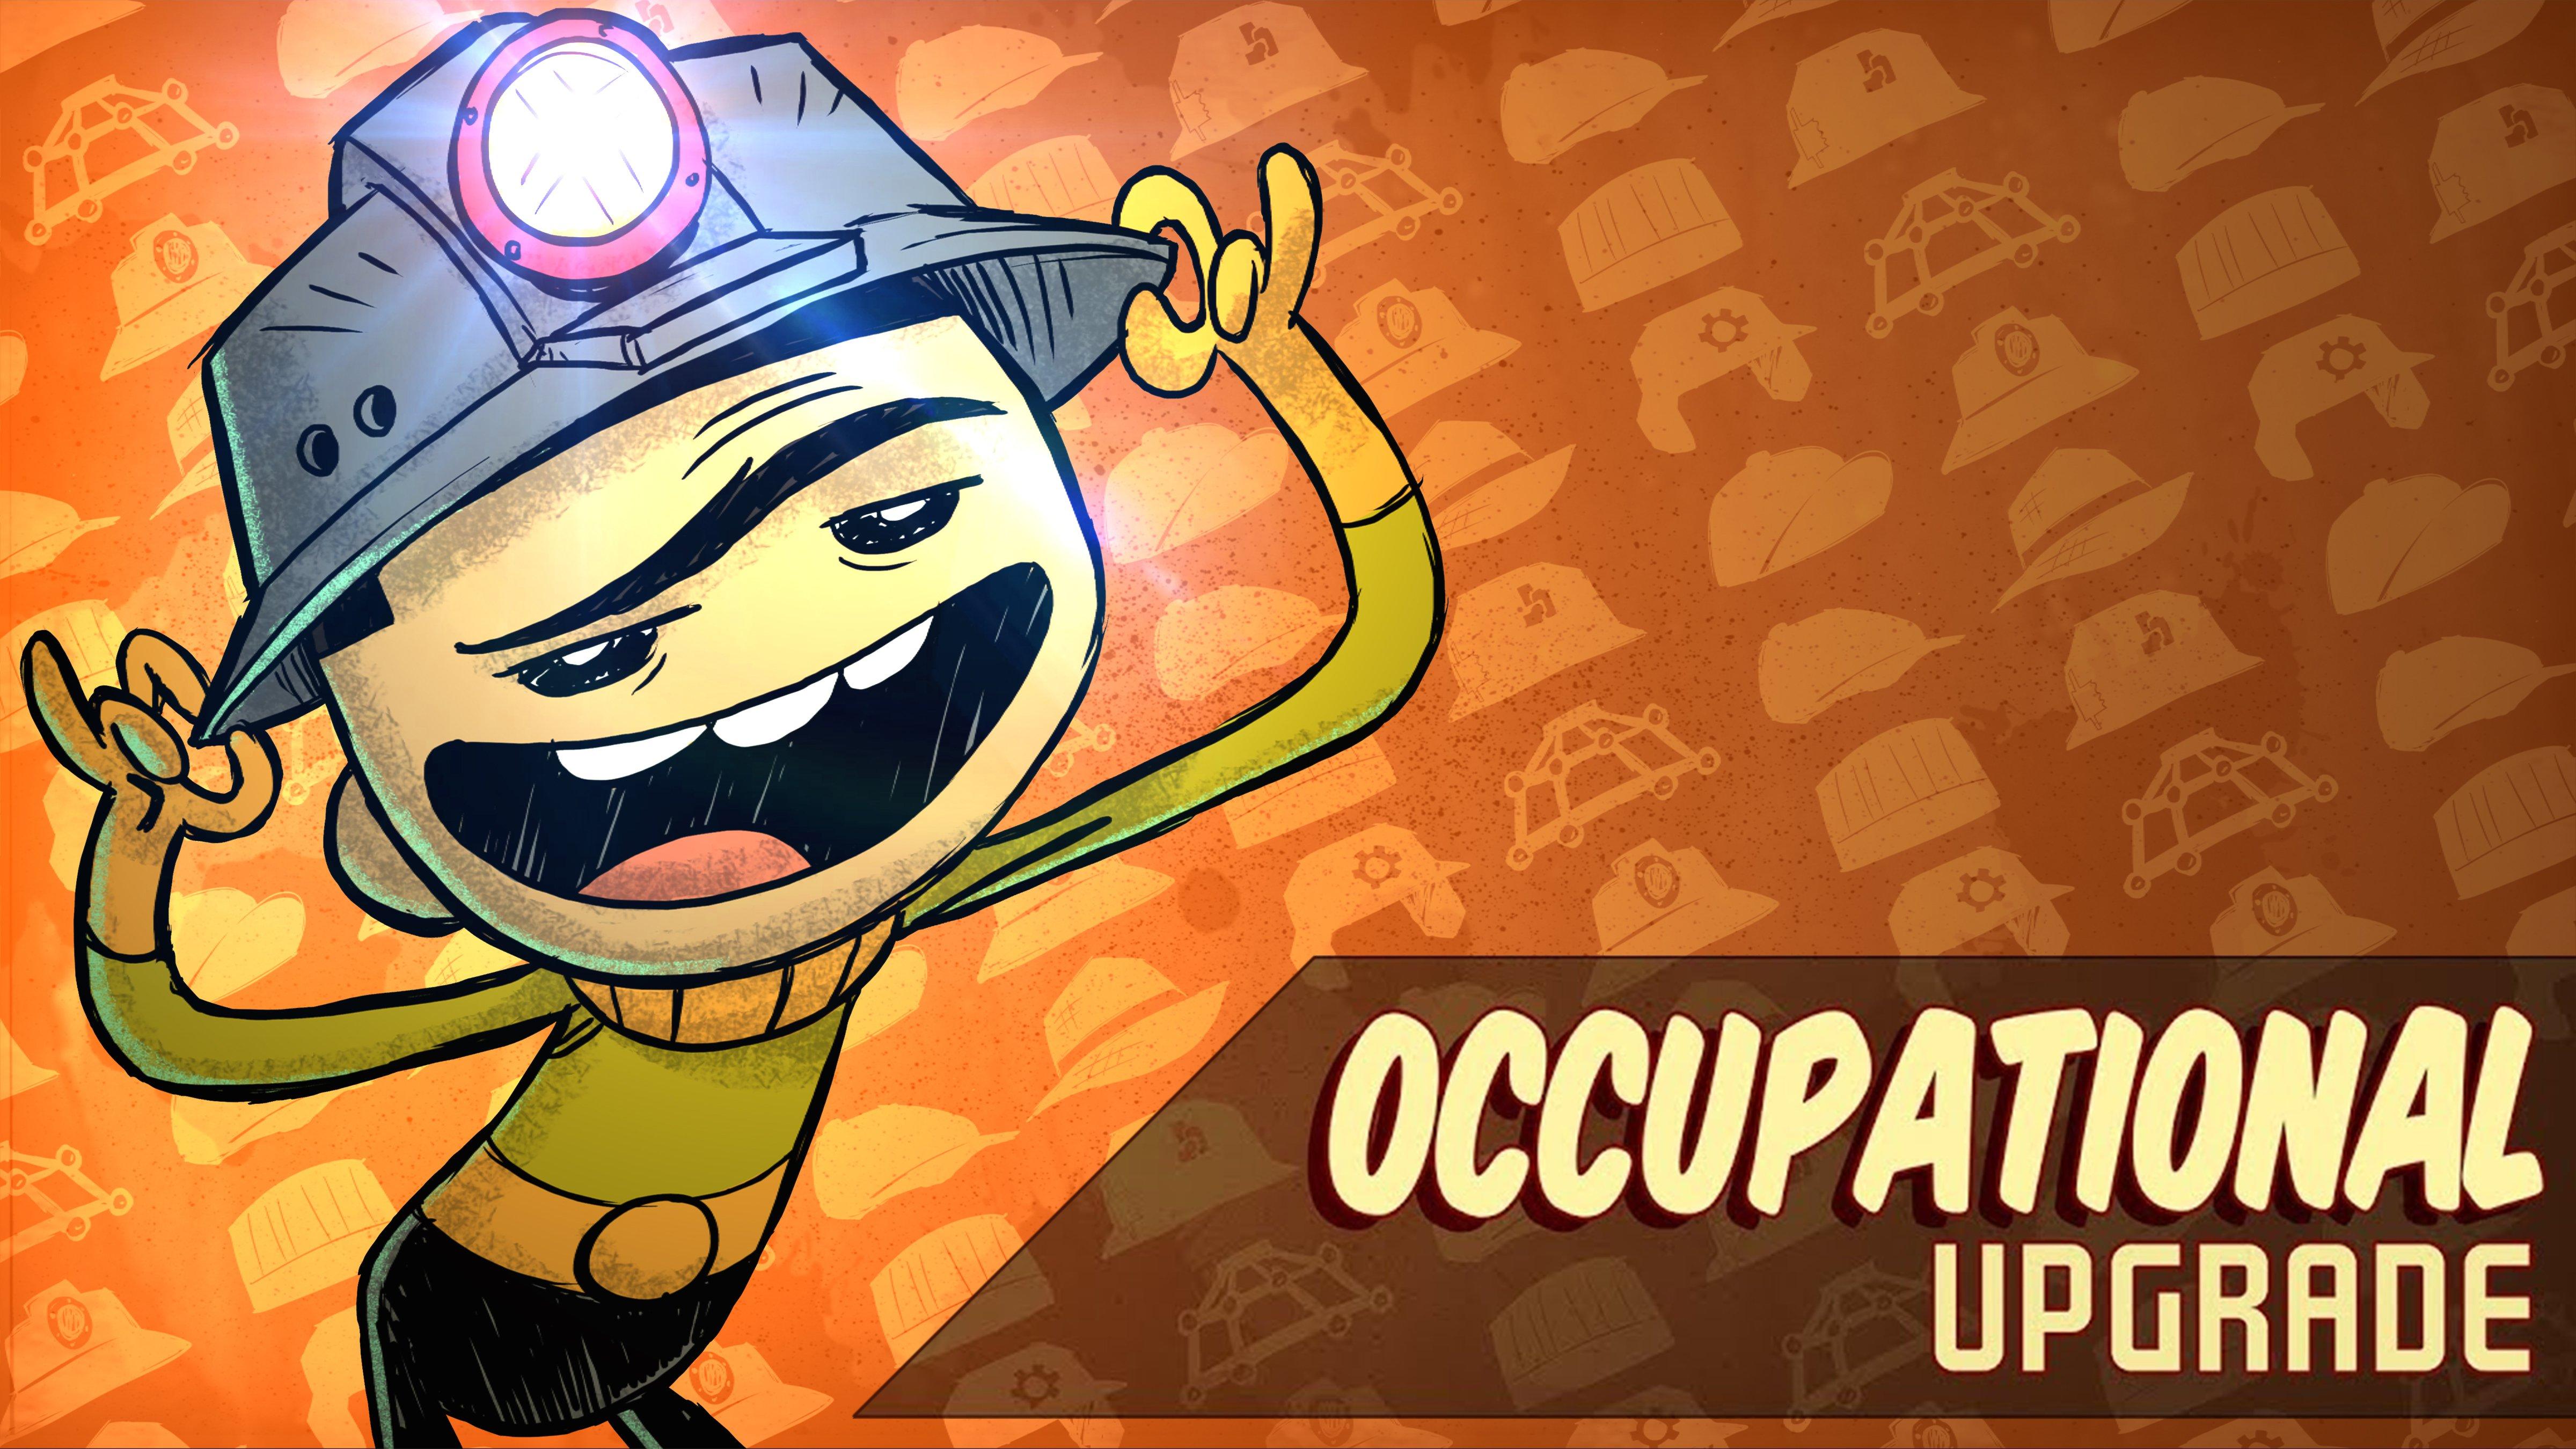 ONI Occupational